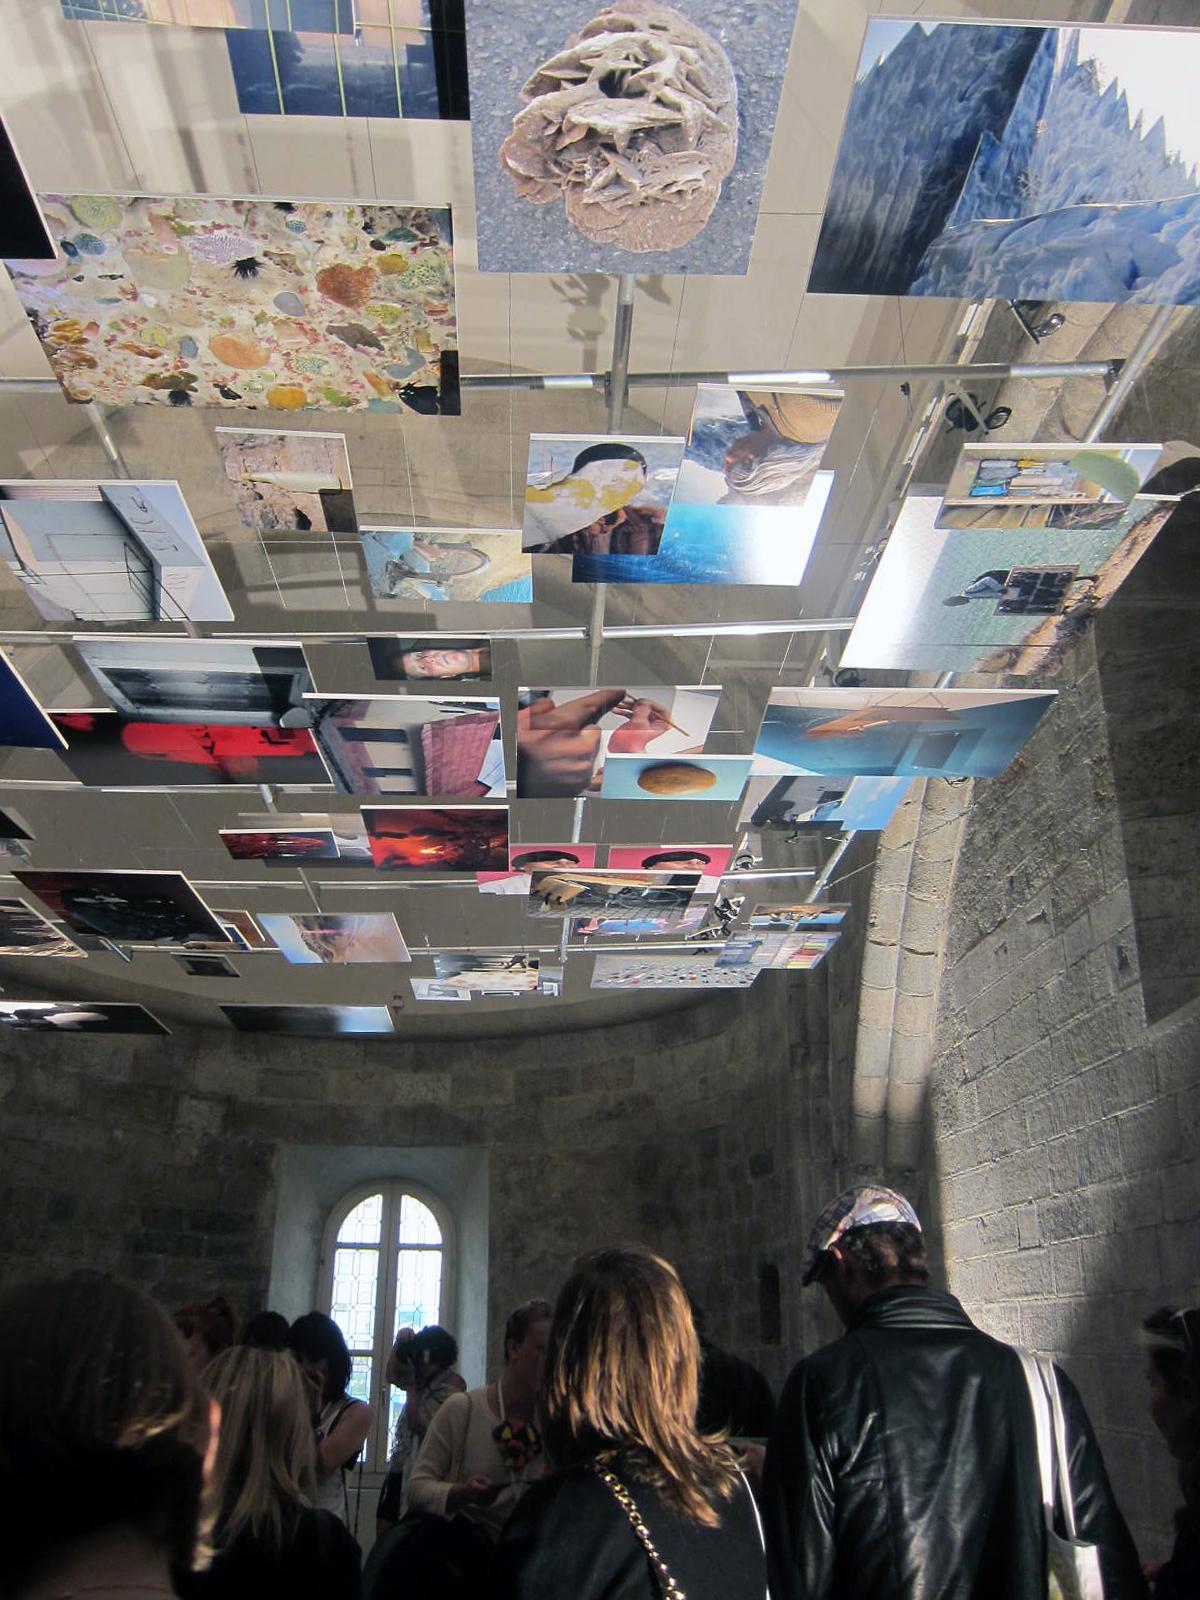 solo exhibition at Tour les Templiers during Hyeres festival de mode et photographie in Hyeres France